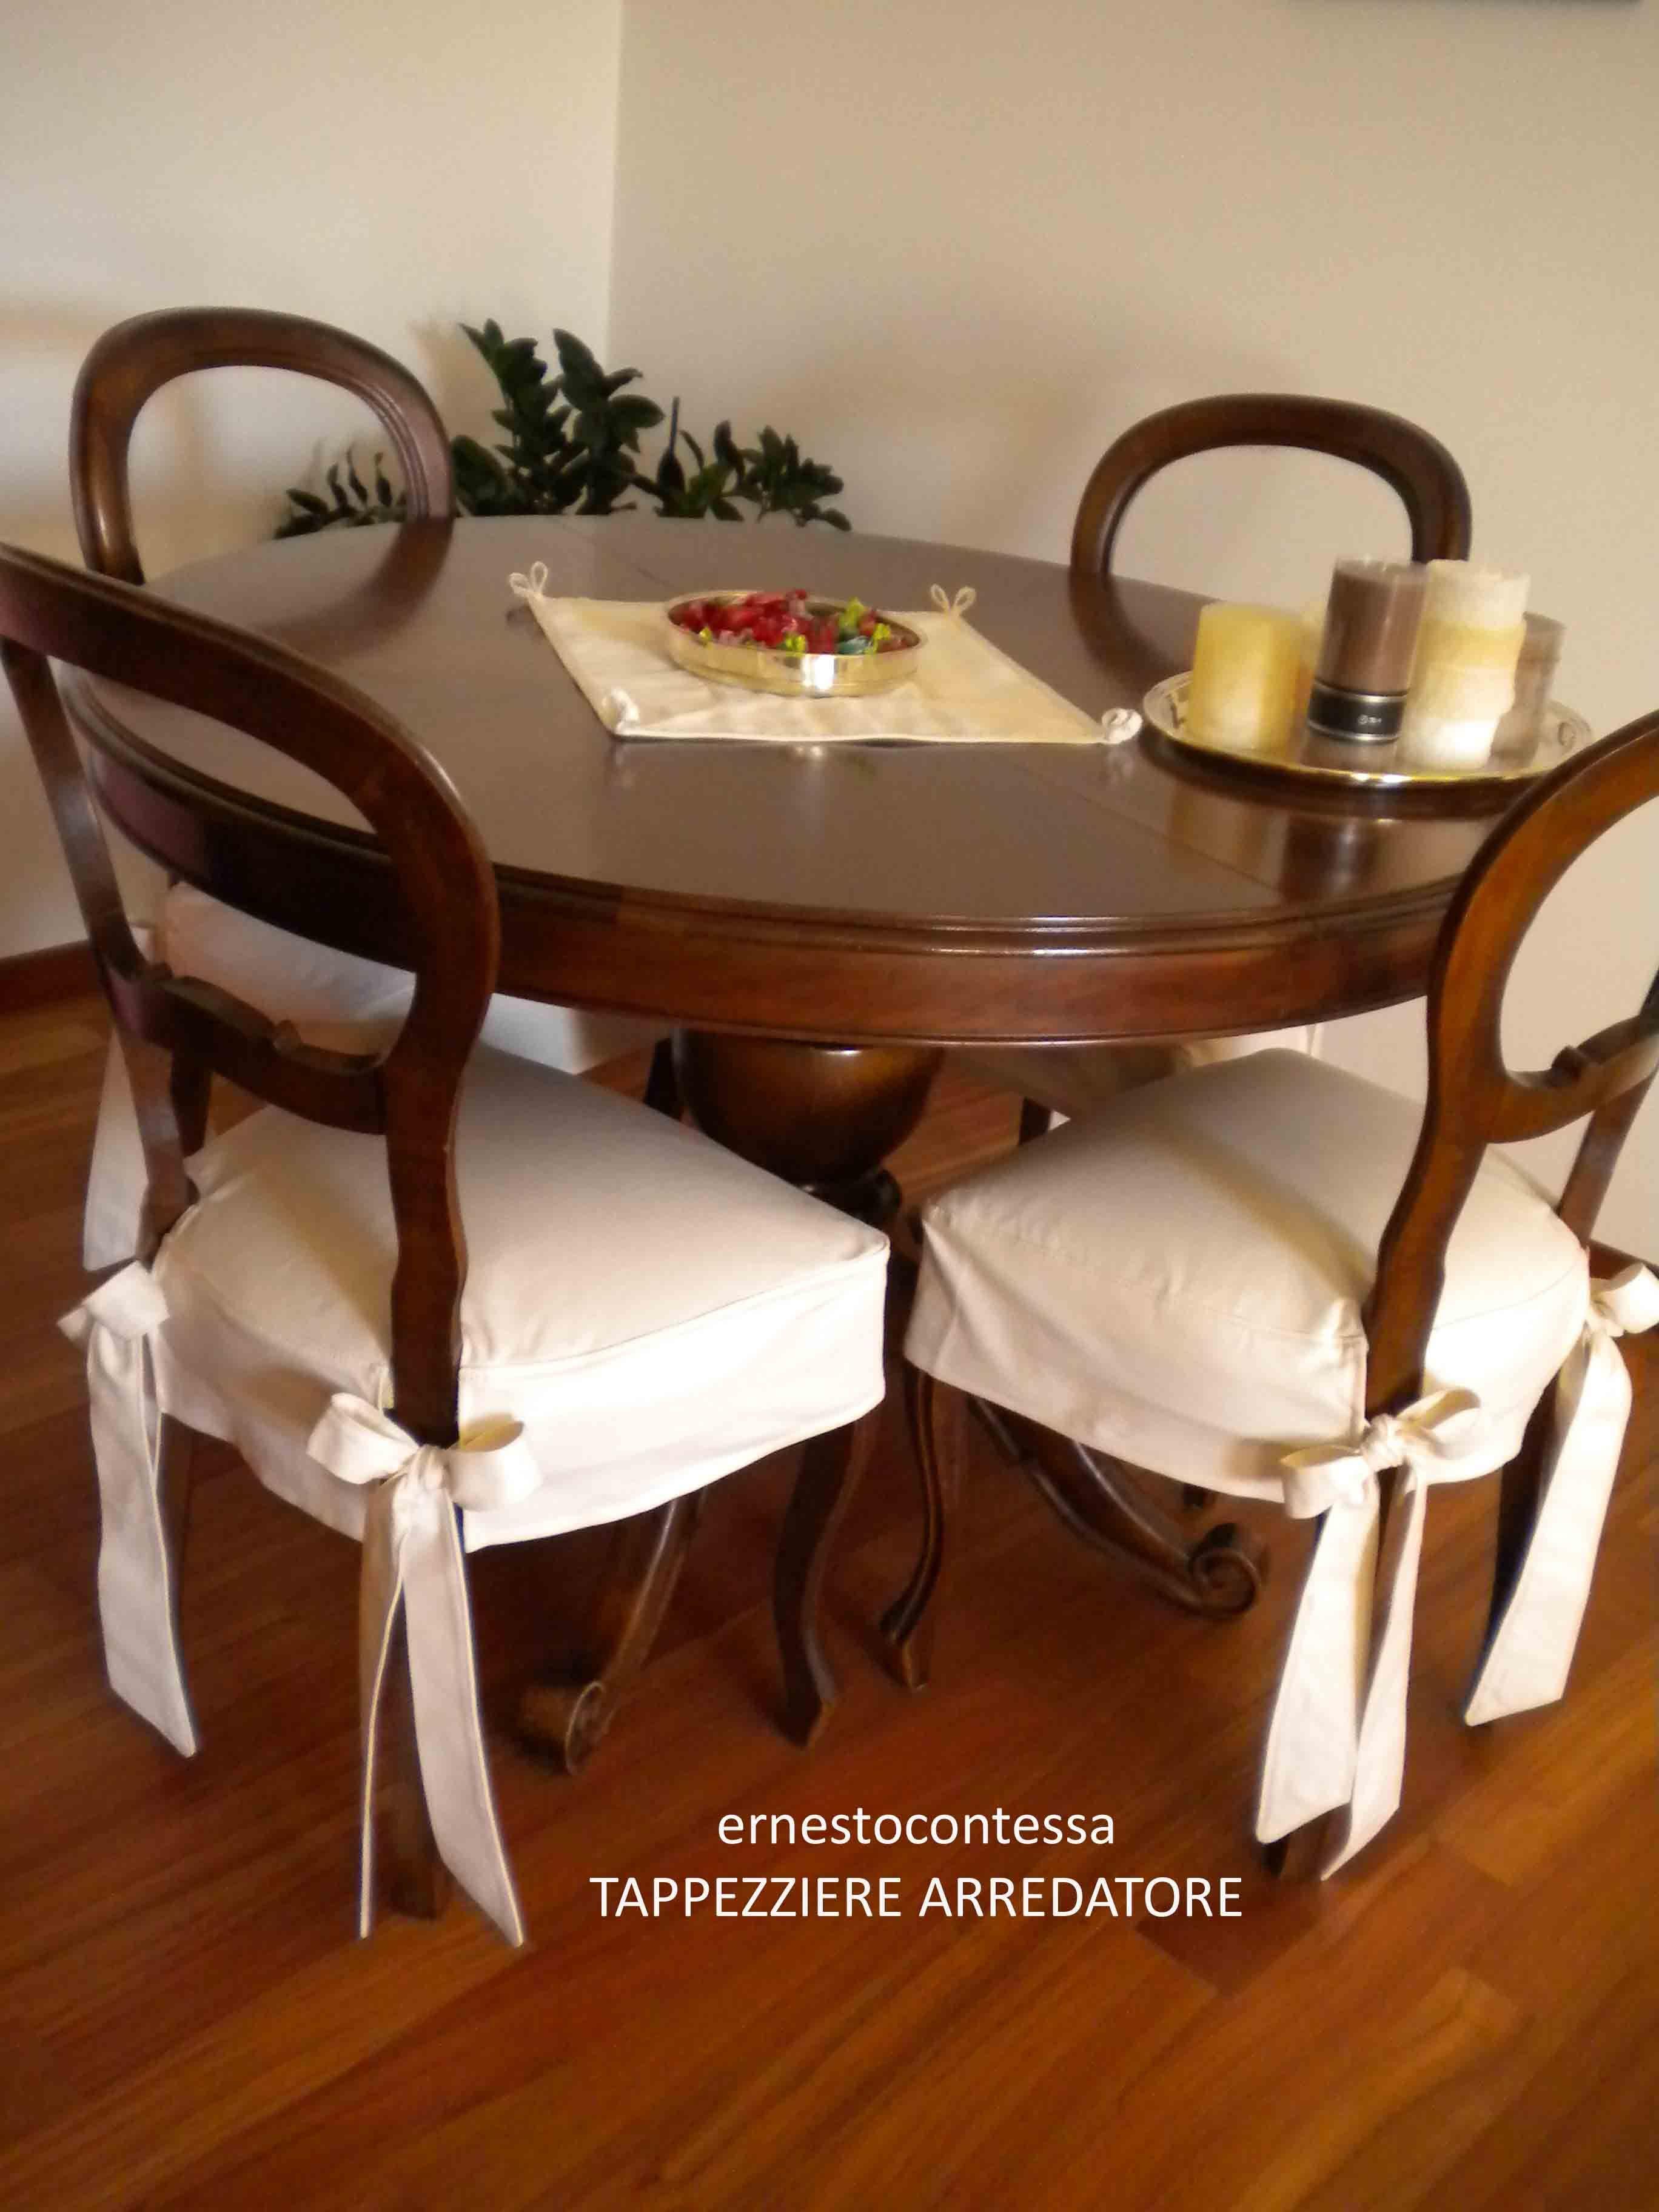 dining chair covers aliexpress coors light with cooler coprisedia con fiocco elegante soluzione per usare sedia